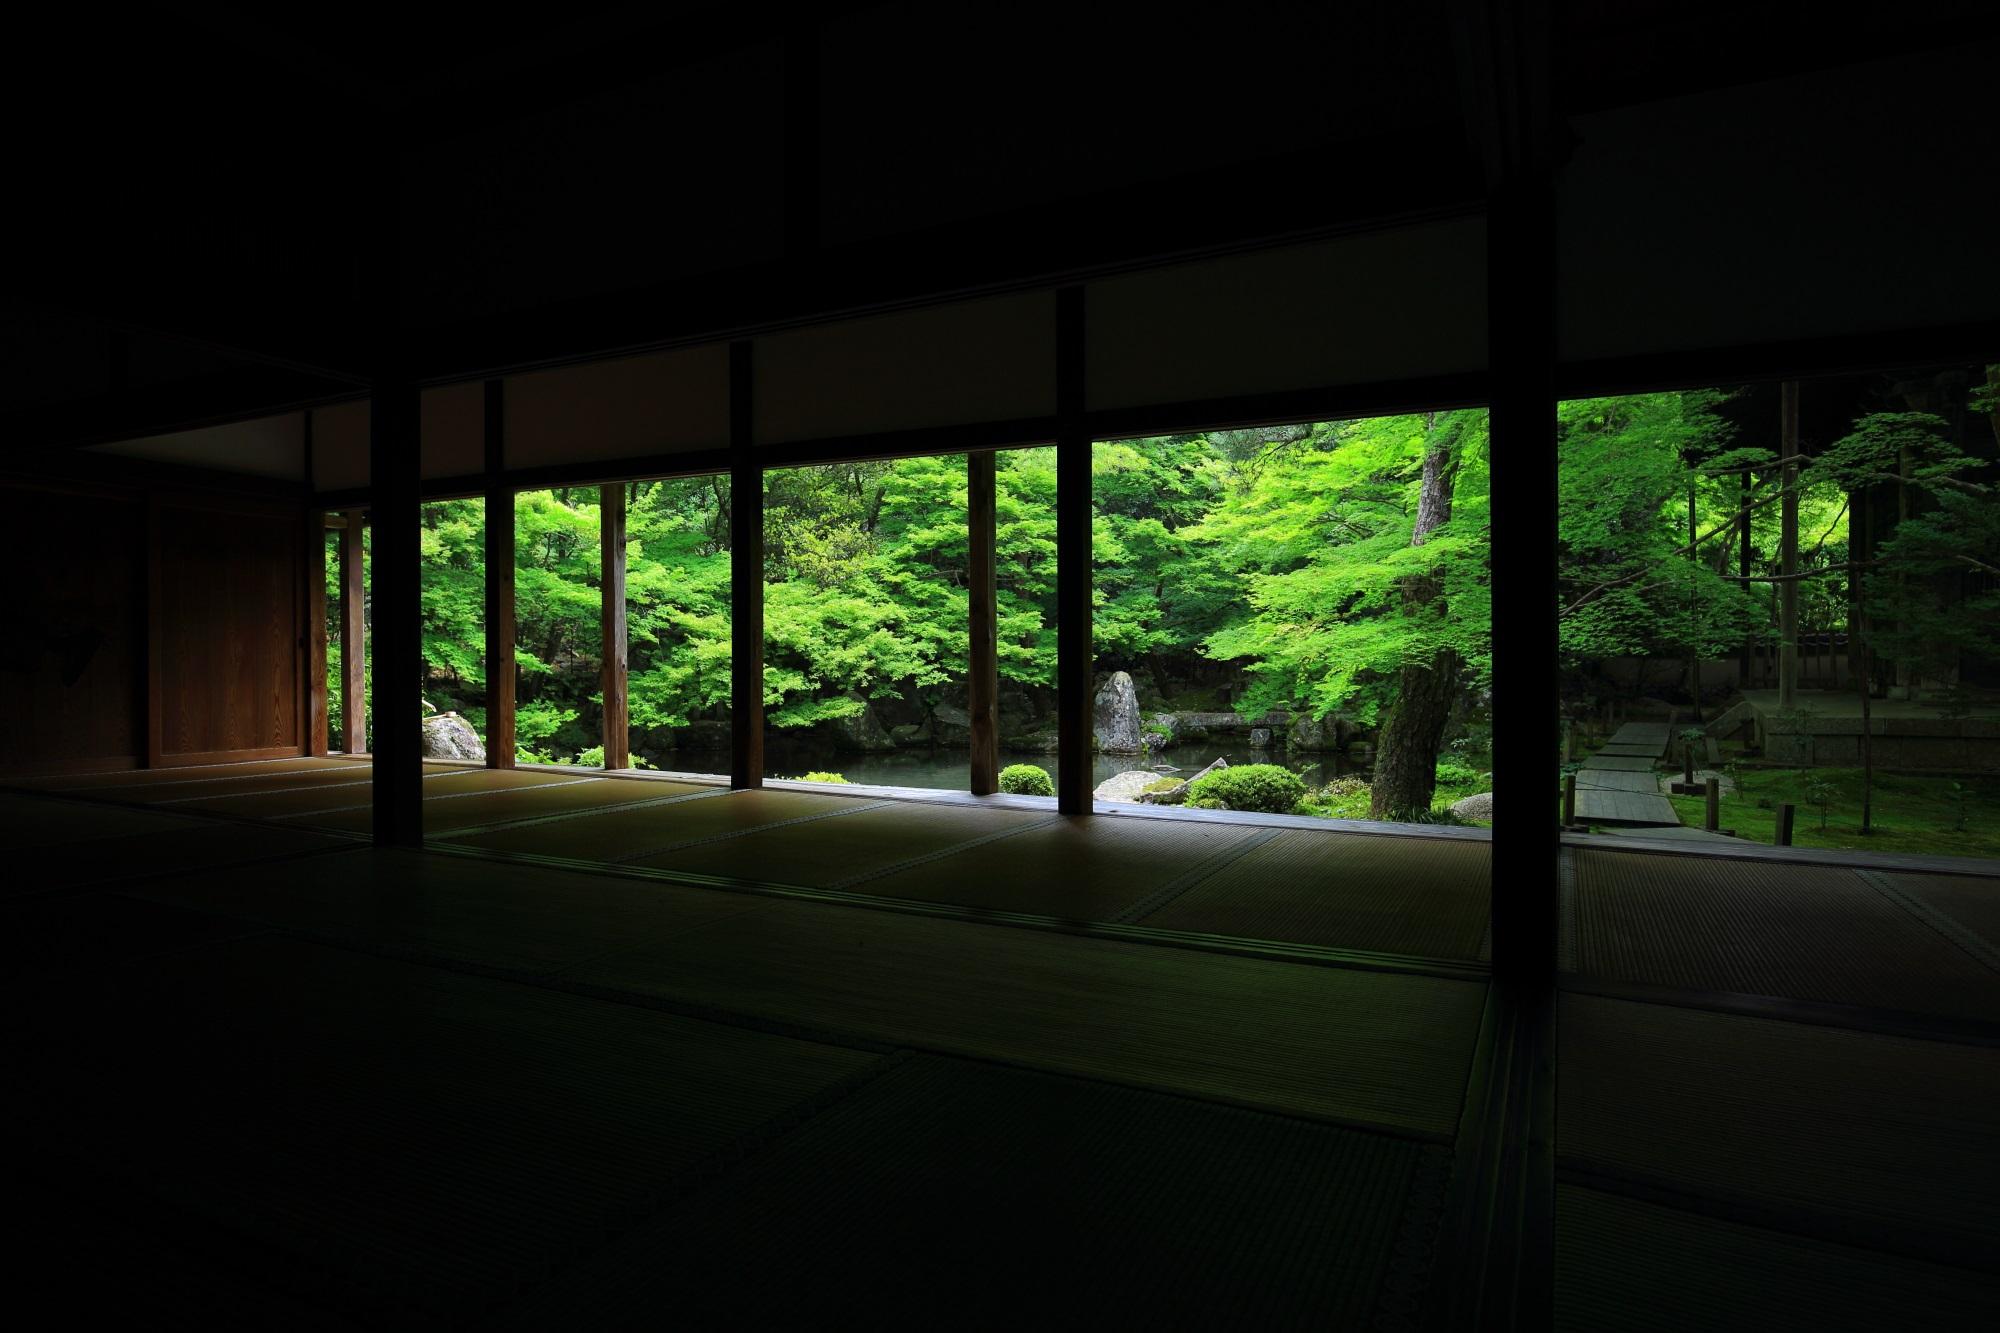 蓮華寺(れんげじ)の書院から眺めた新緑の庭園